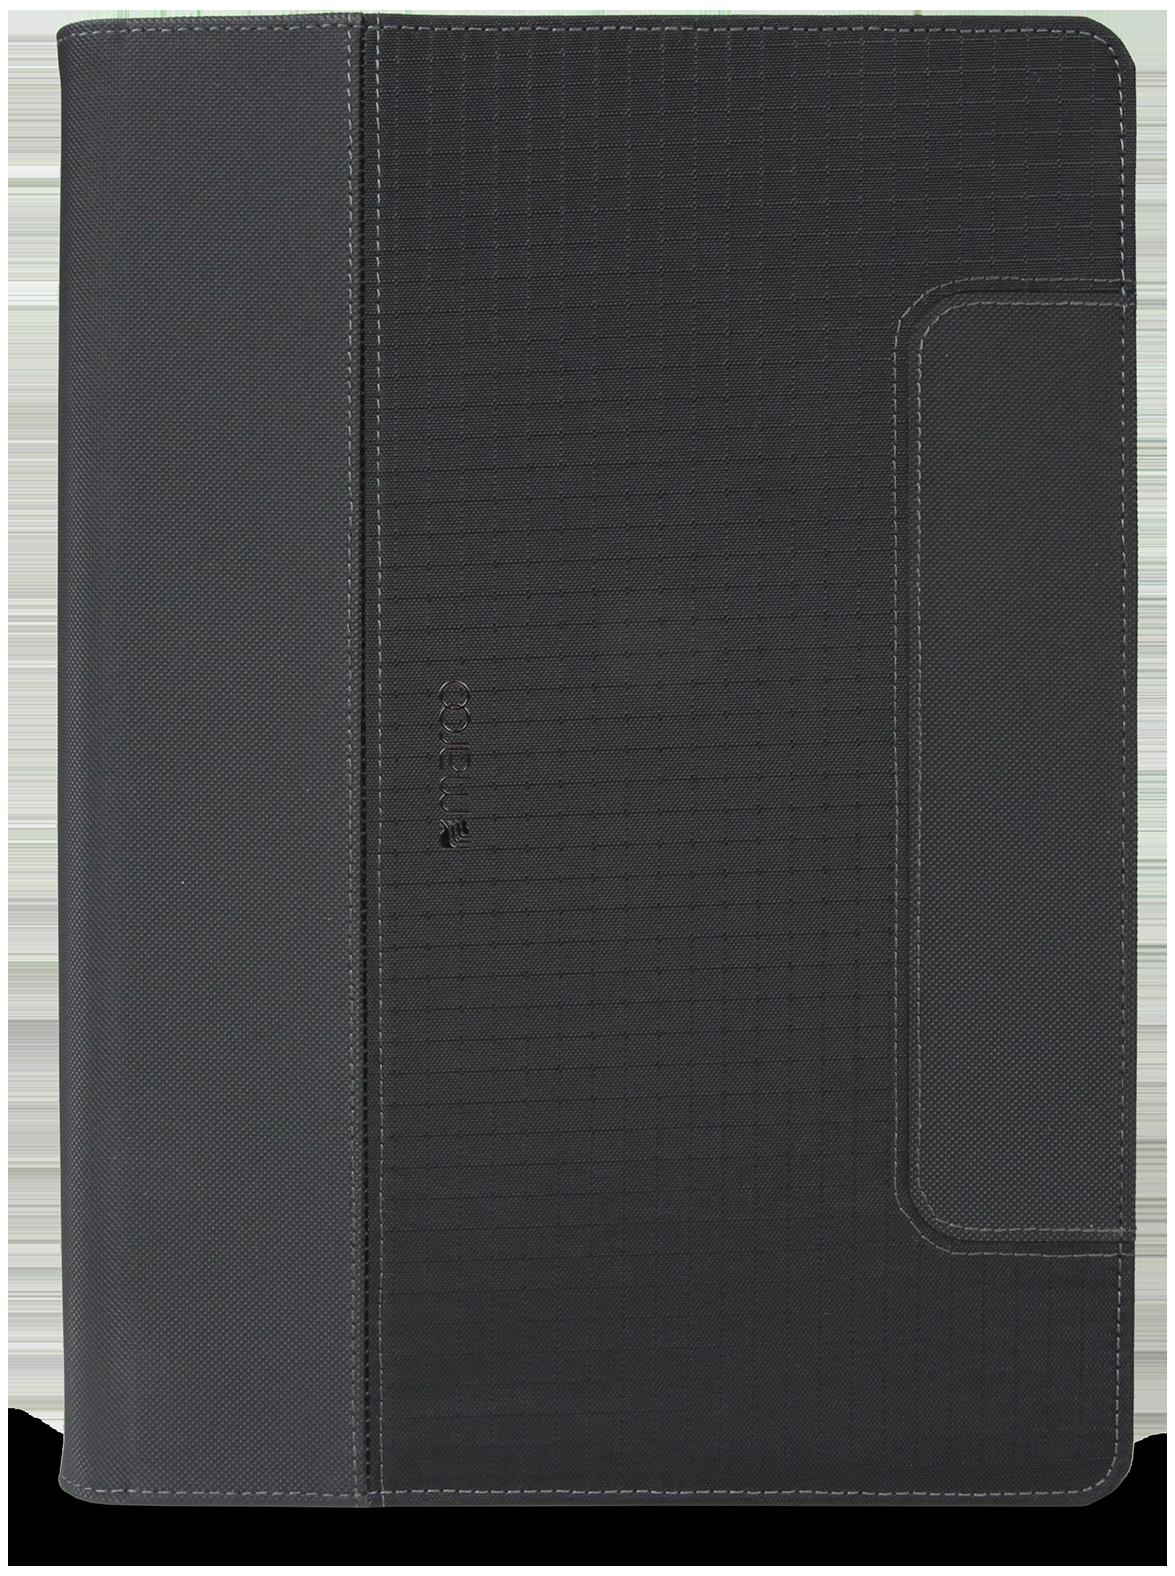 Image of Maroo Tactical Pro Hinge Folio per Surface Pro (nera)